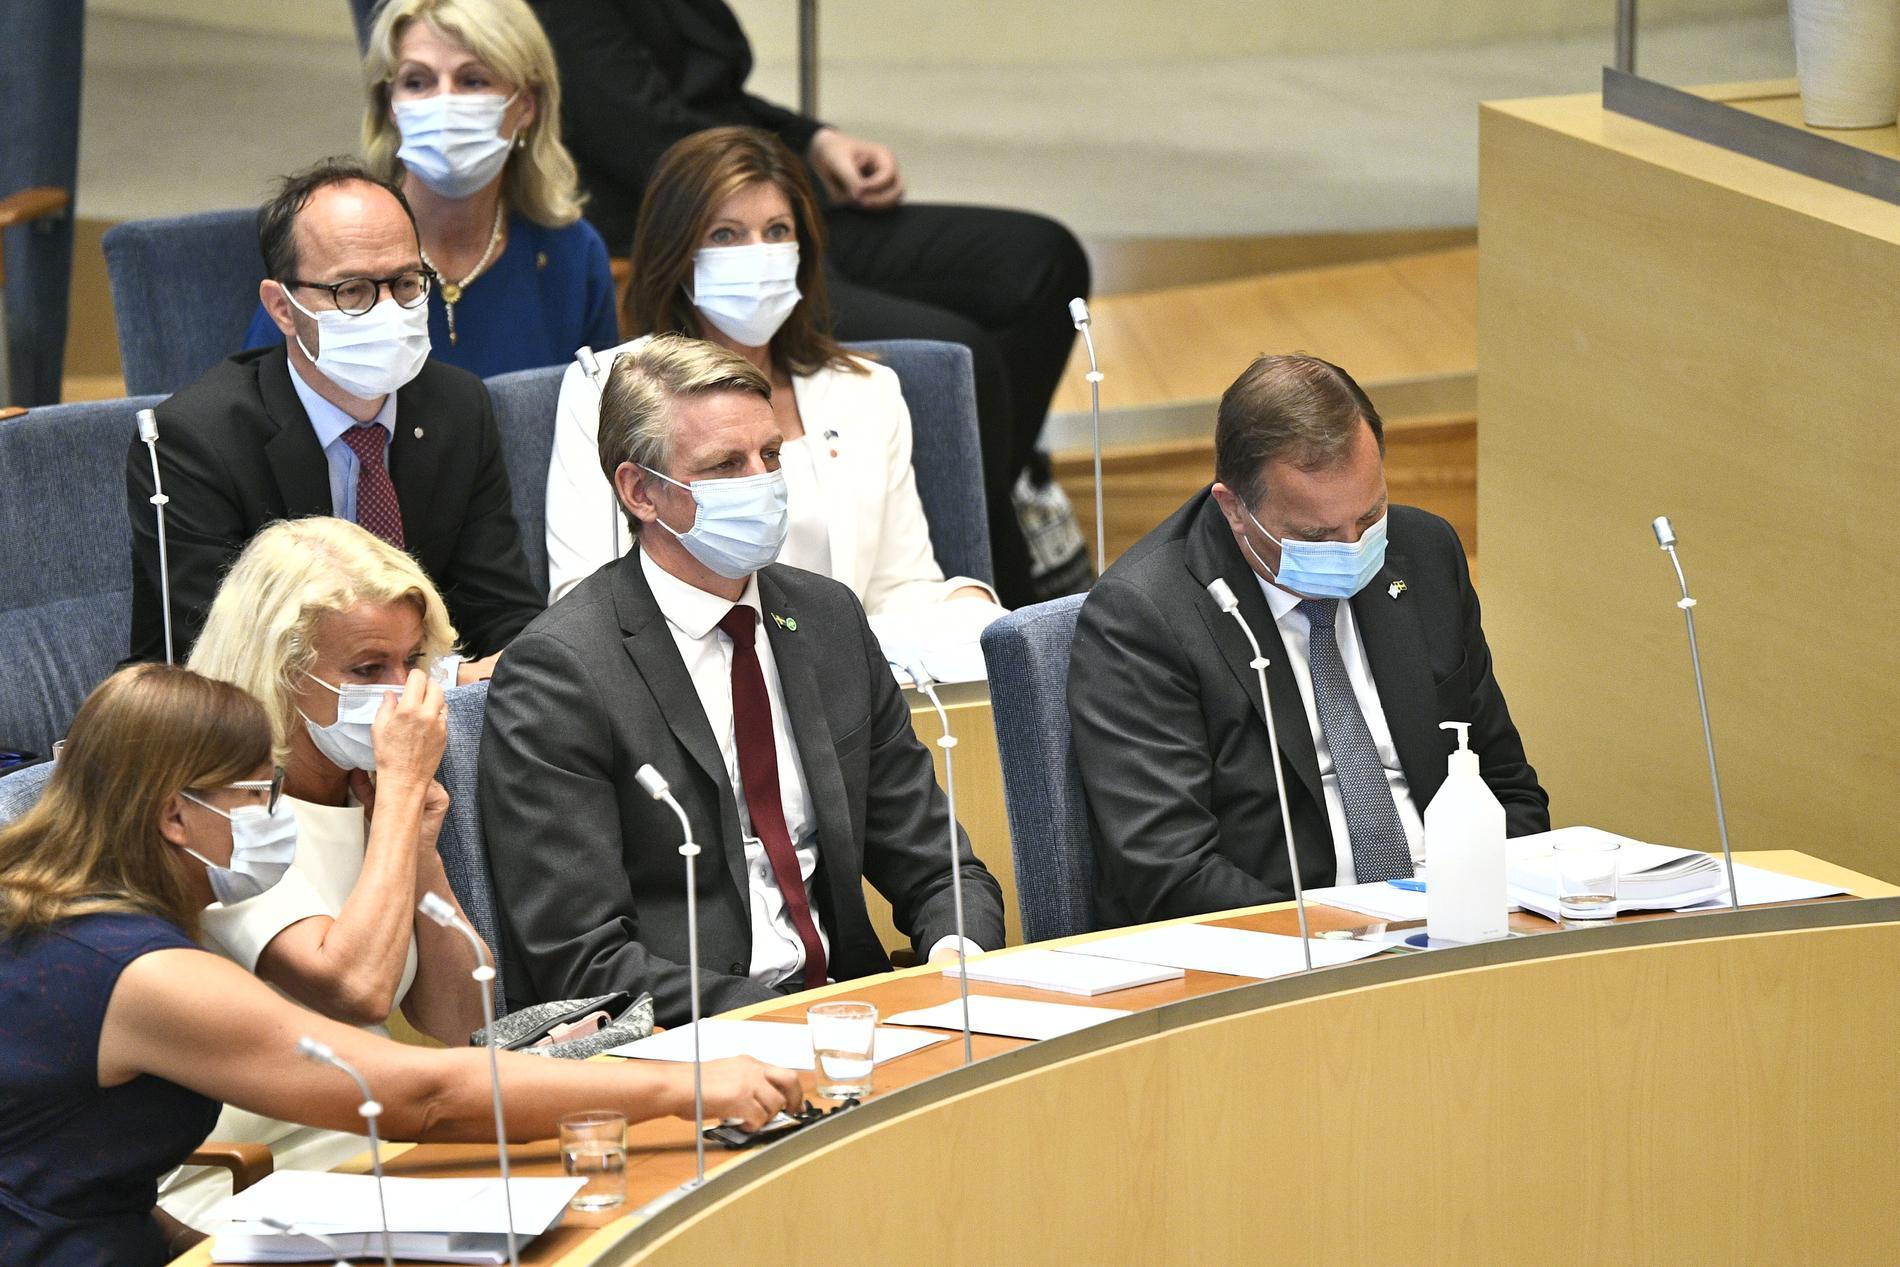 Infrastrukturminister Tomas Eneroth (S) Arbetsmarknadsminister Eva Nordmark och Miljö- och klimatminister Per Bolund (MP), statsminister Stefan Löfven (S) under misstroendeomröstningen.